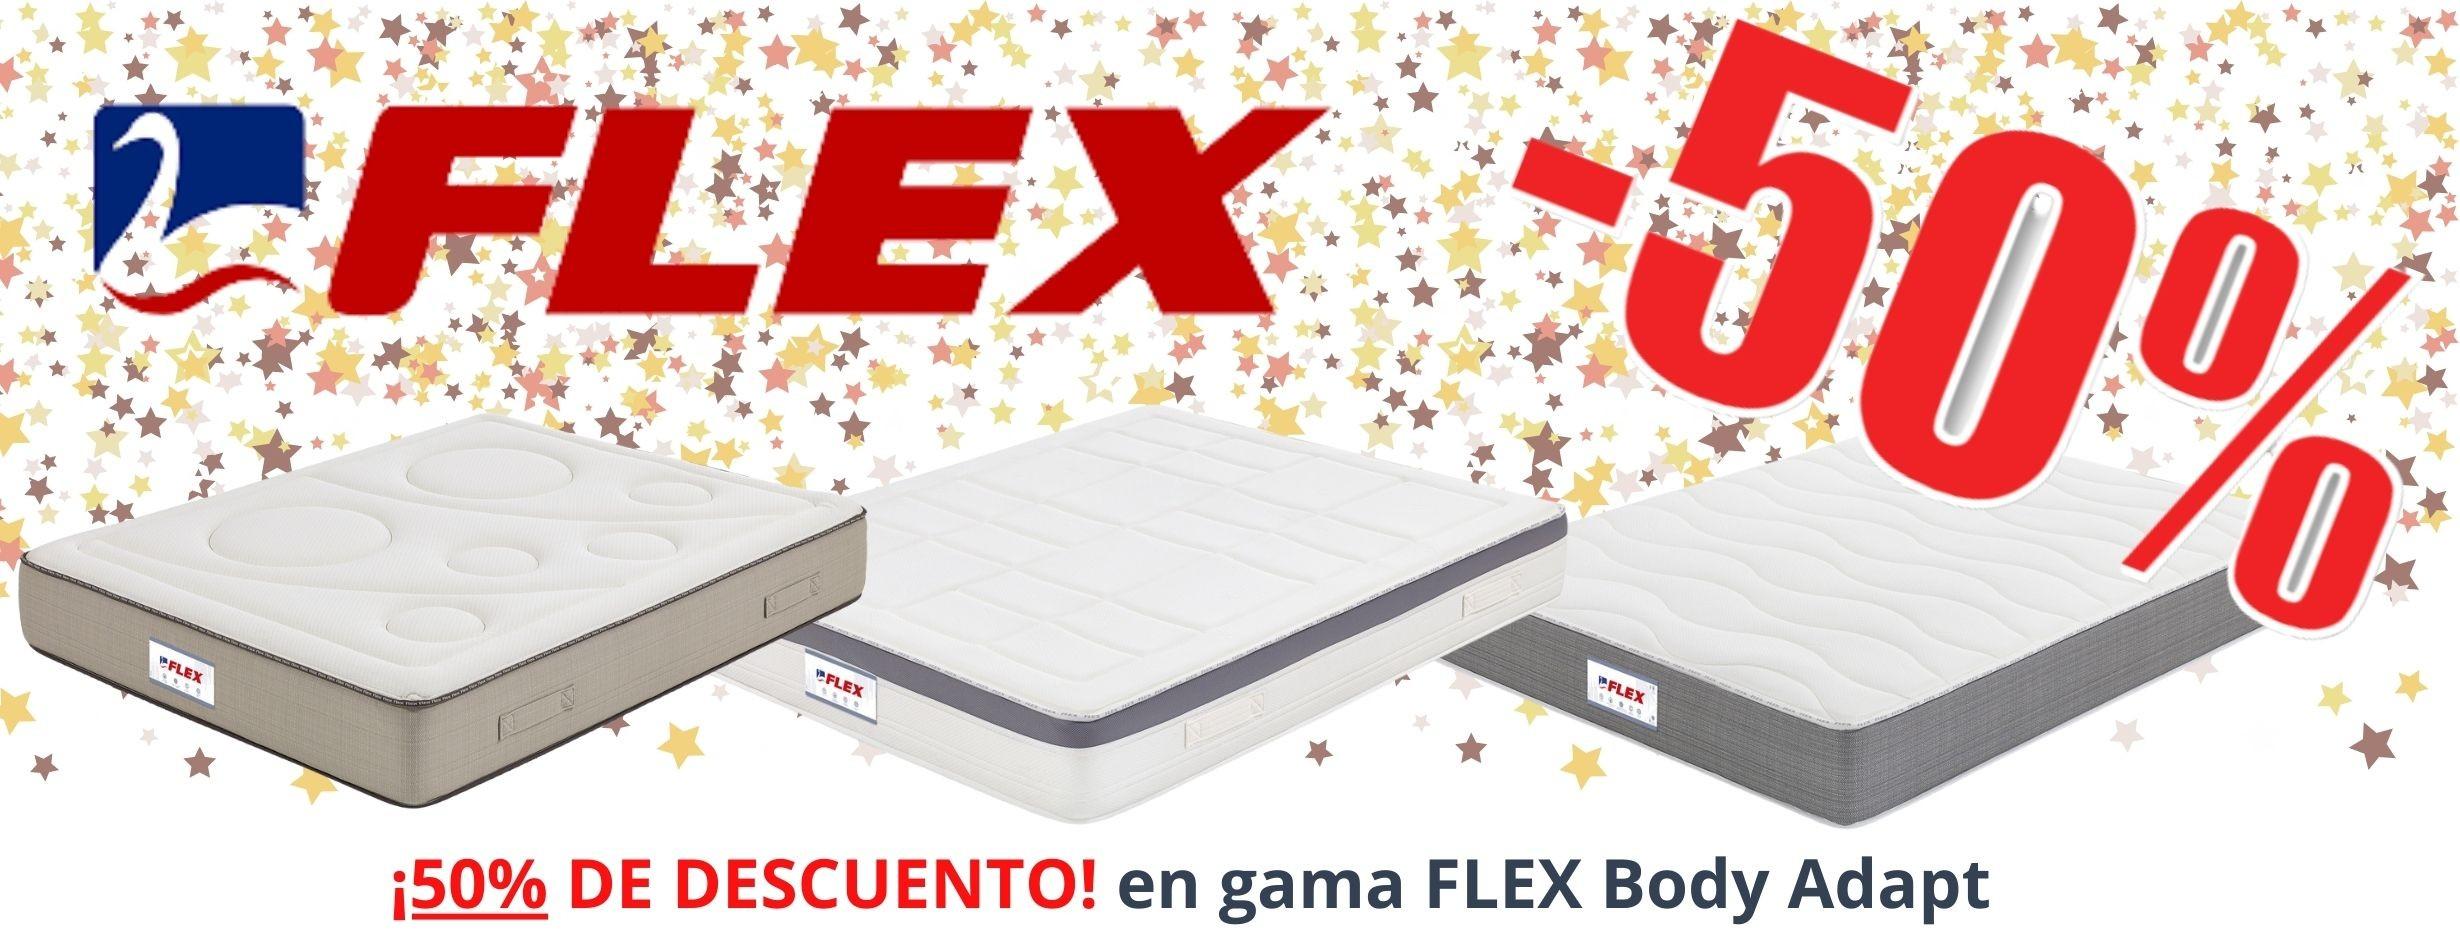 50% de descuento en la gama FLEX Body Adapt